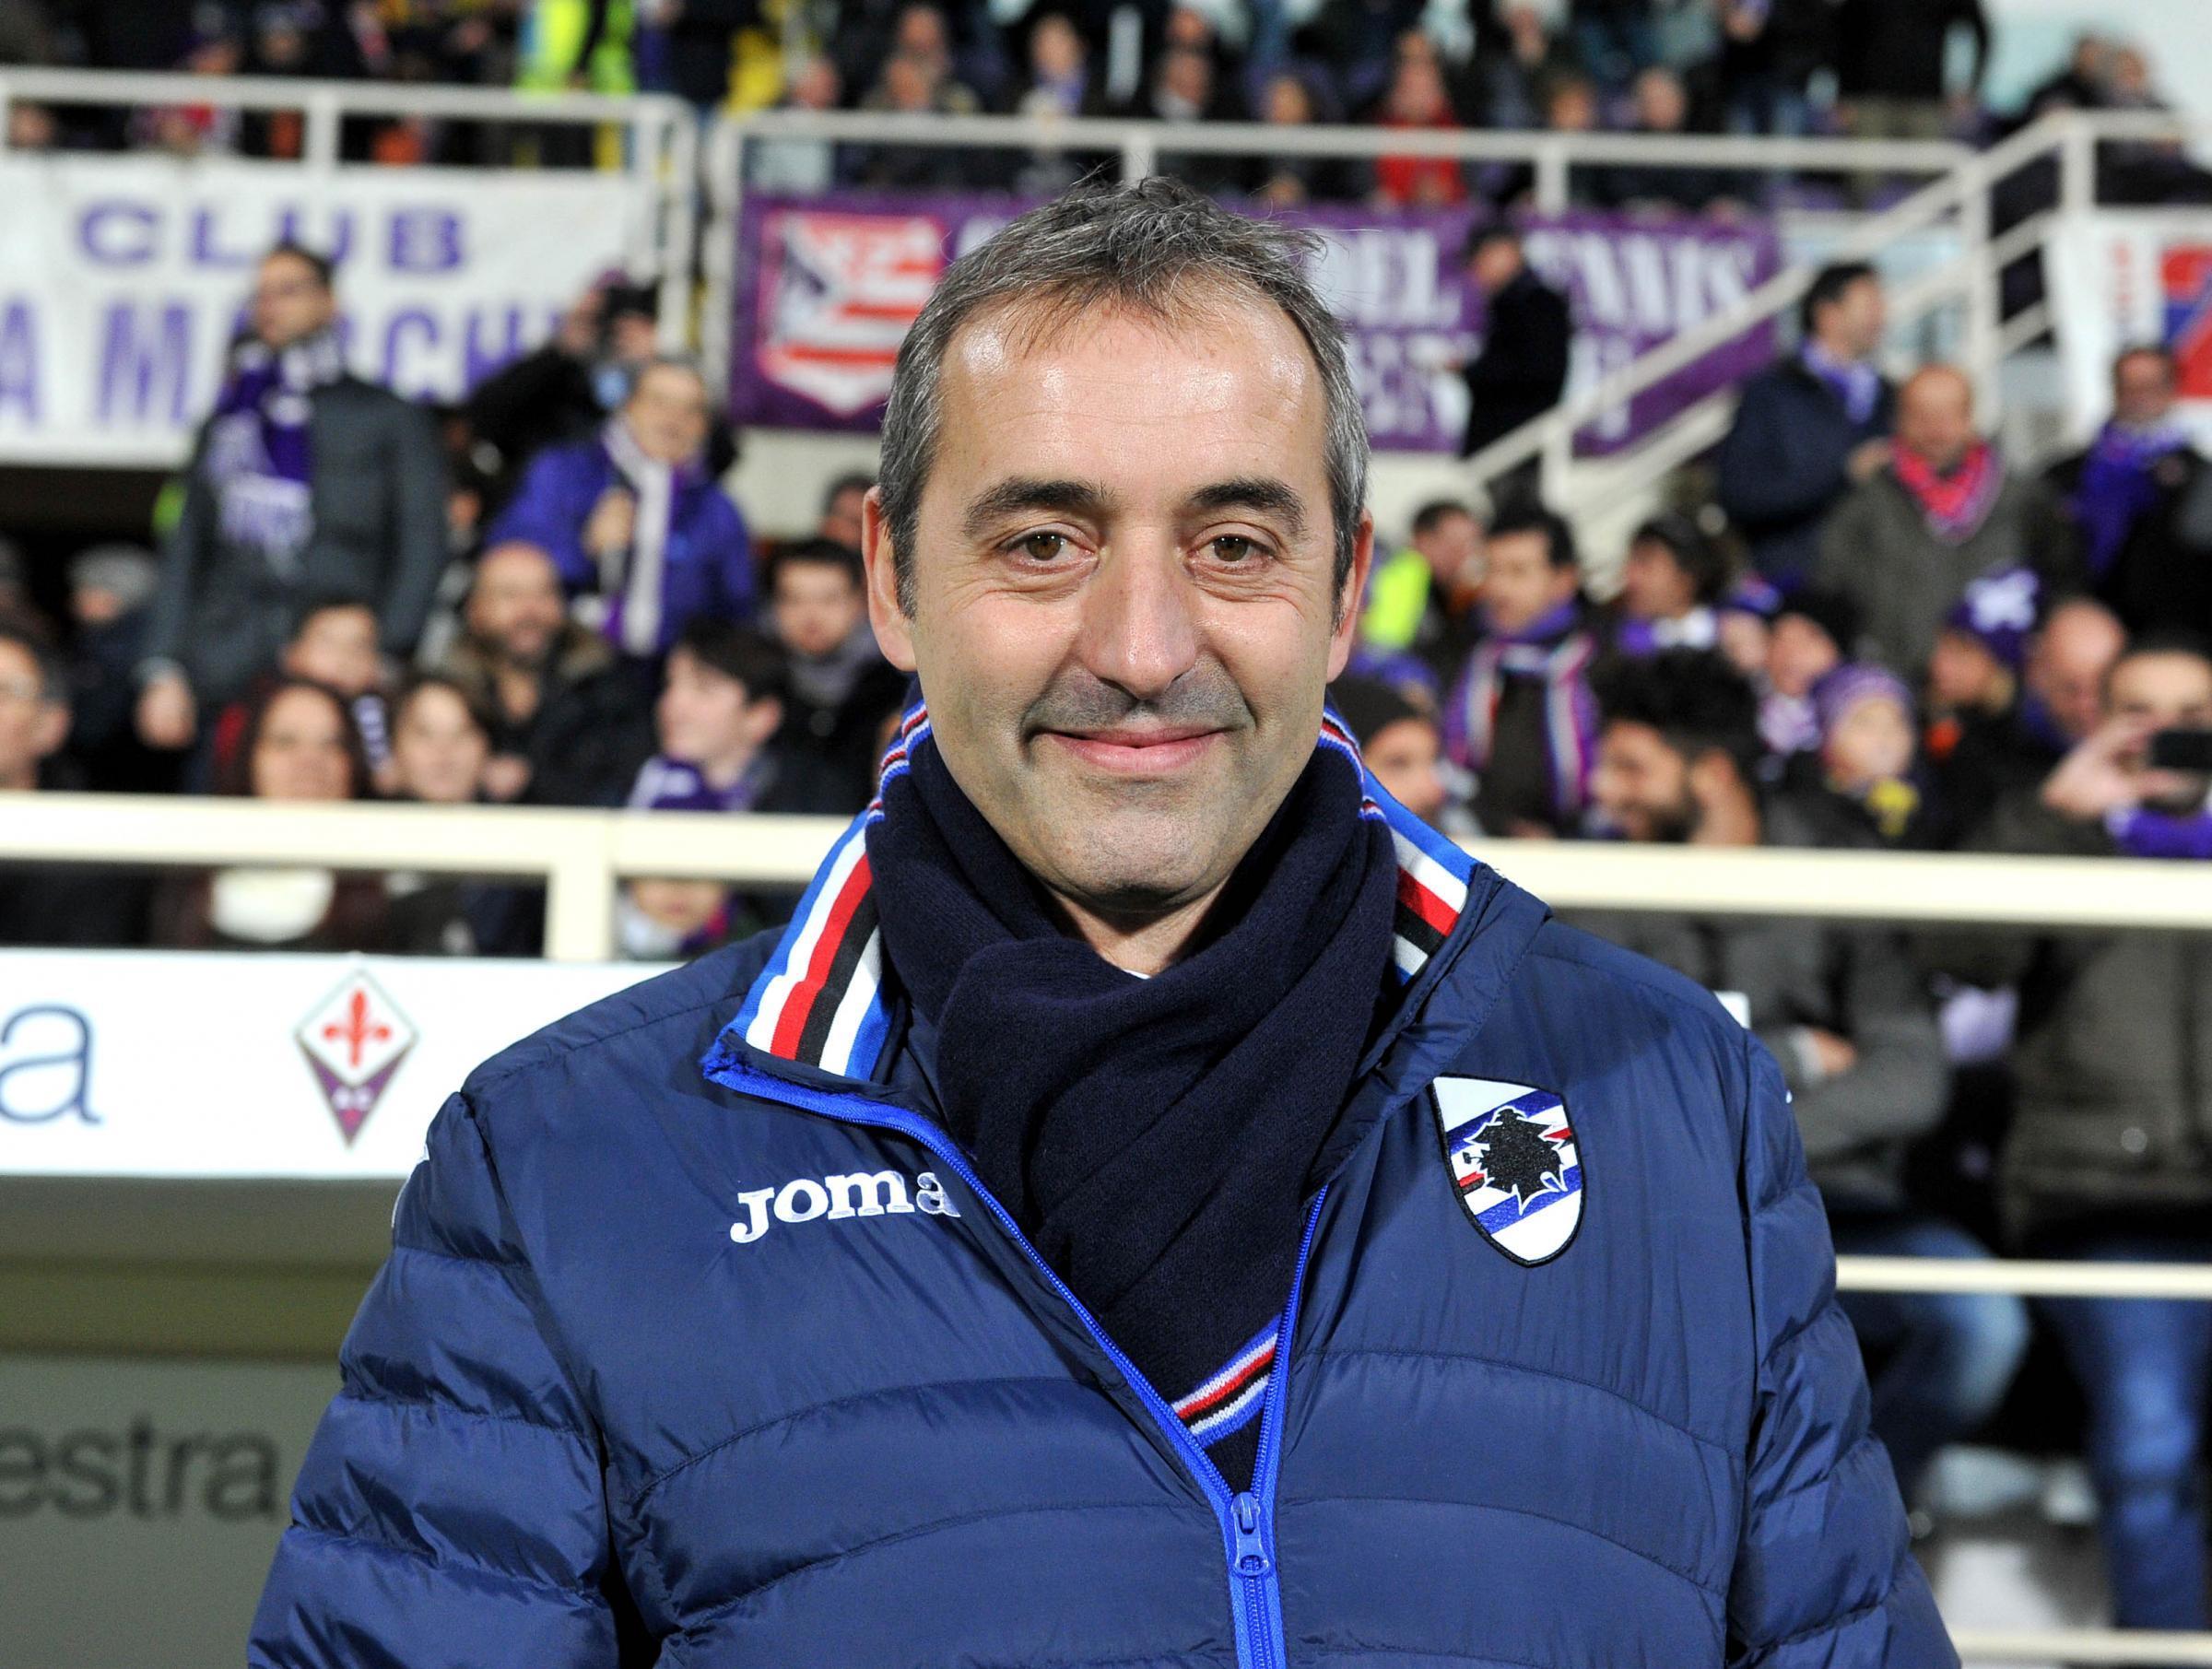 Giampaolo sulla panchina della Sampdoria